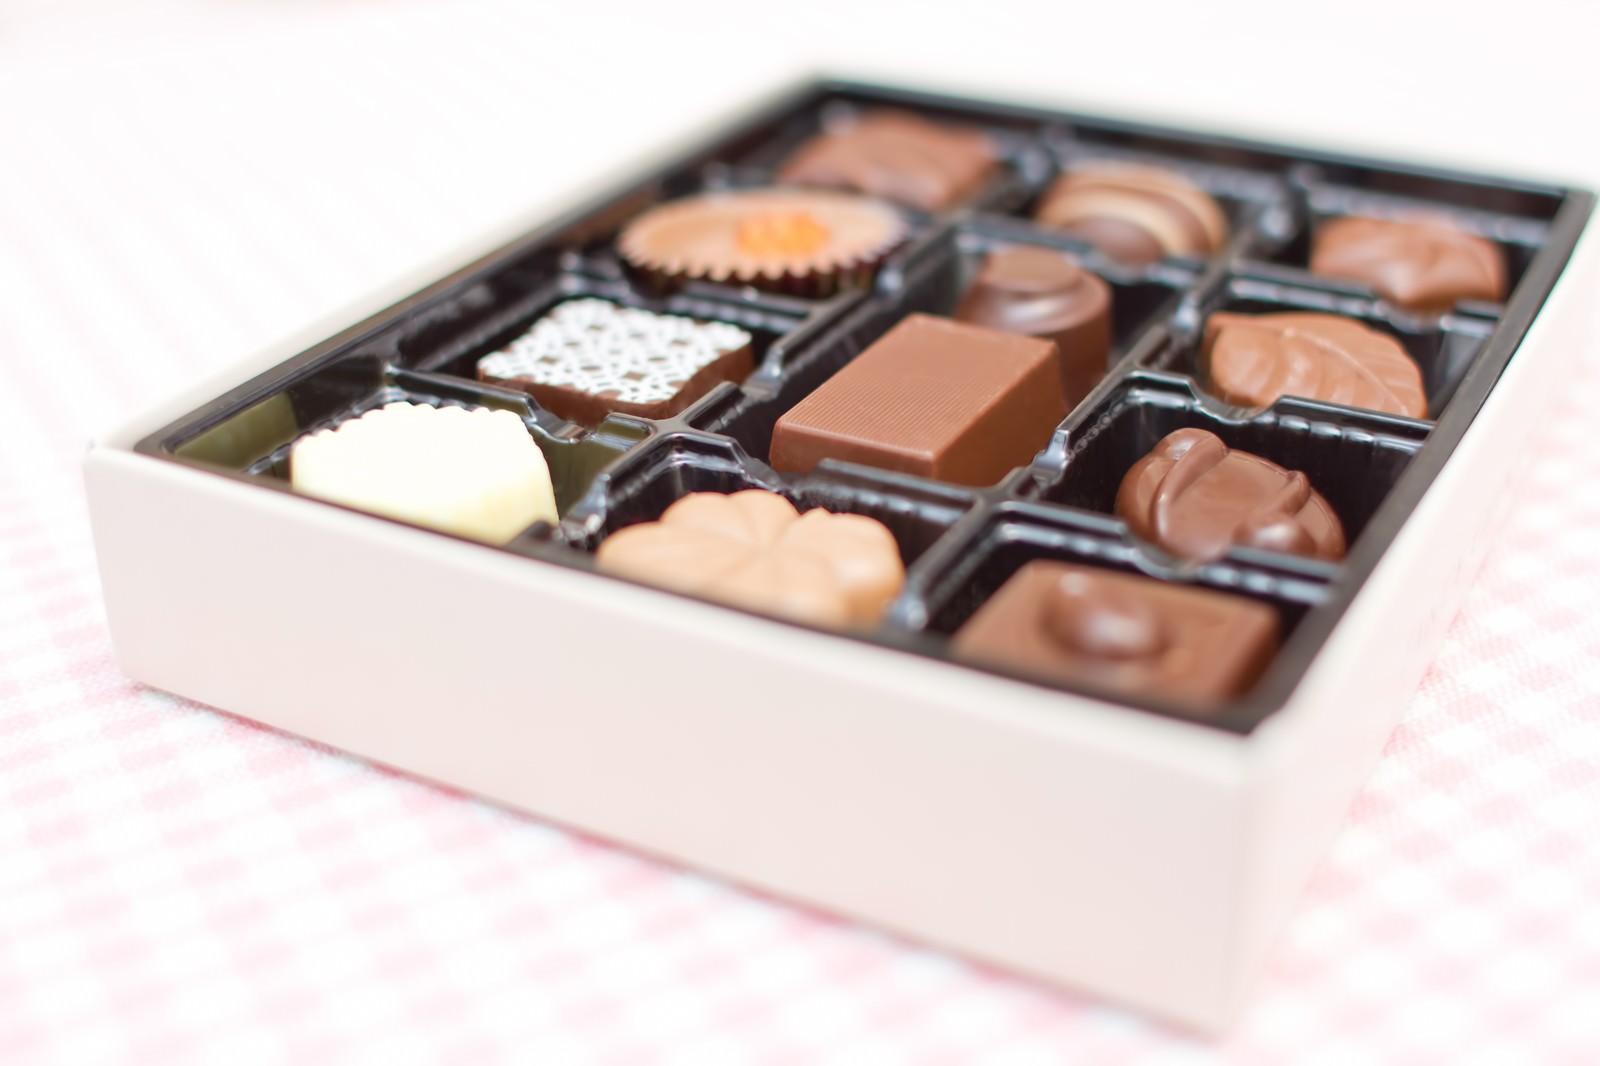 「バレンタインのチョコレート」の写真